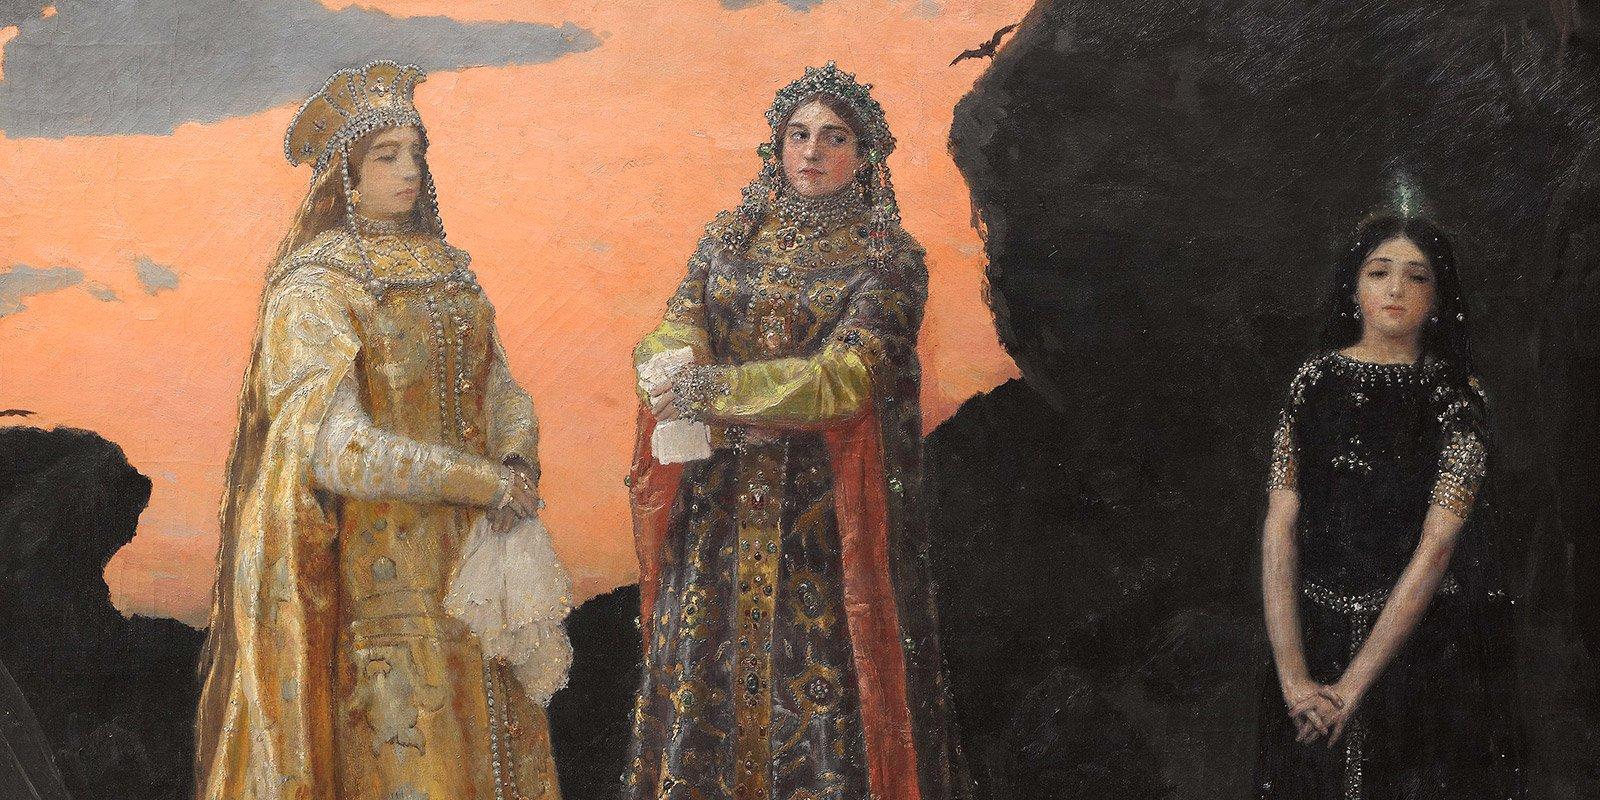 В. Васнецов. Три царевны подземного царства. 1879 год. Государственная Третьяковская галерея